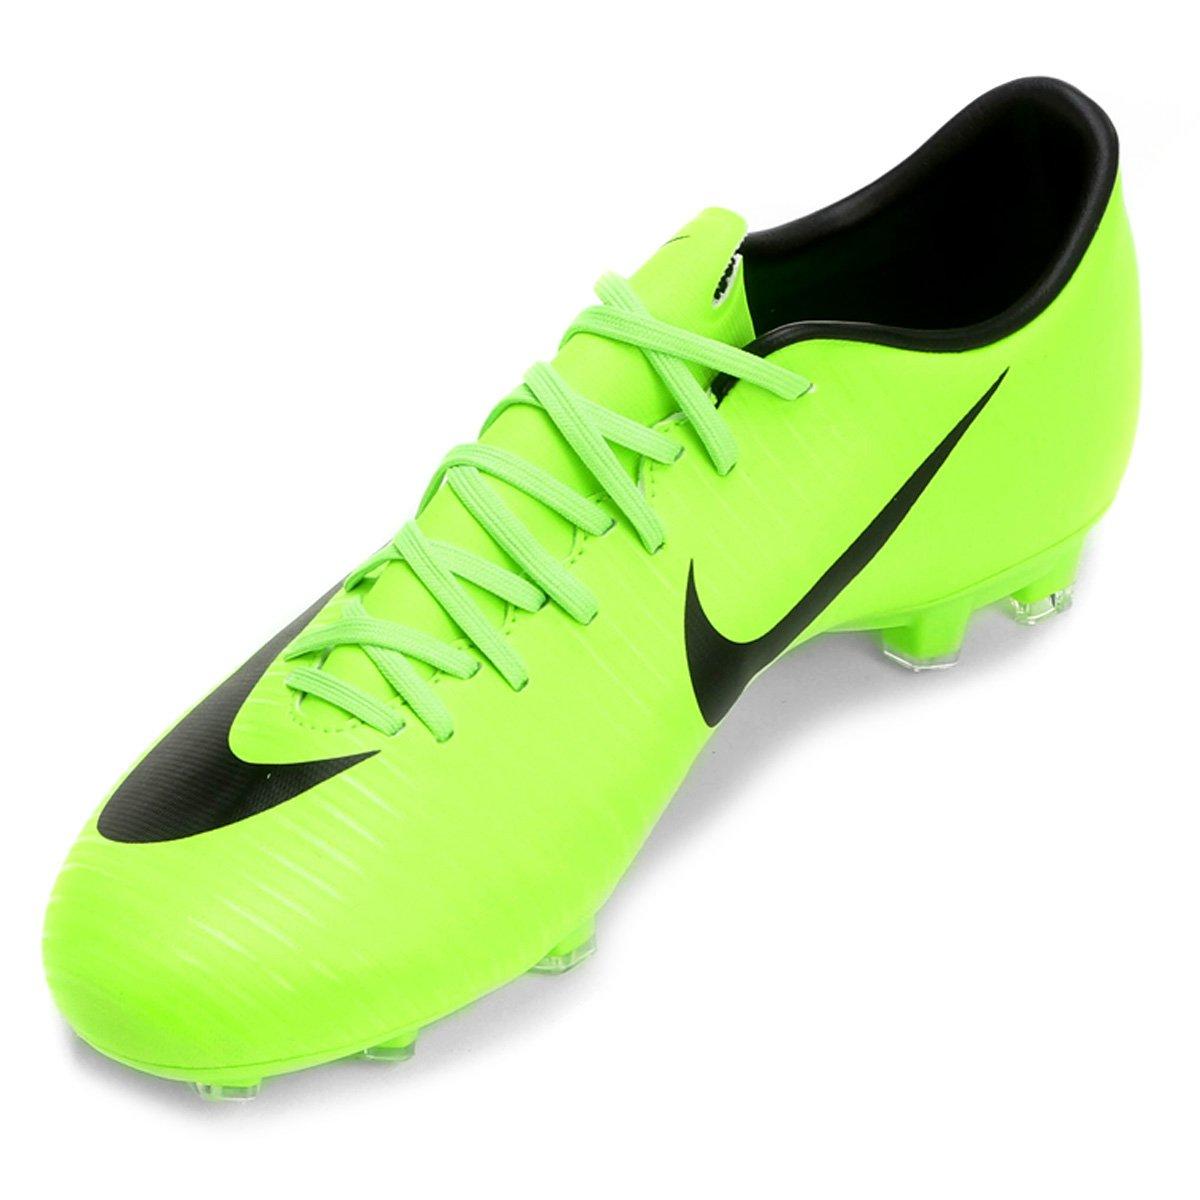 Chuteira Campo Nike Mercurial Victory 6 FG - Verde Limão - Compre ... fdfe71862a41f